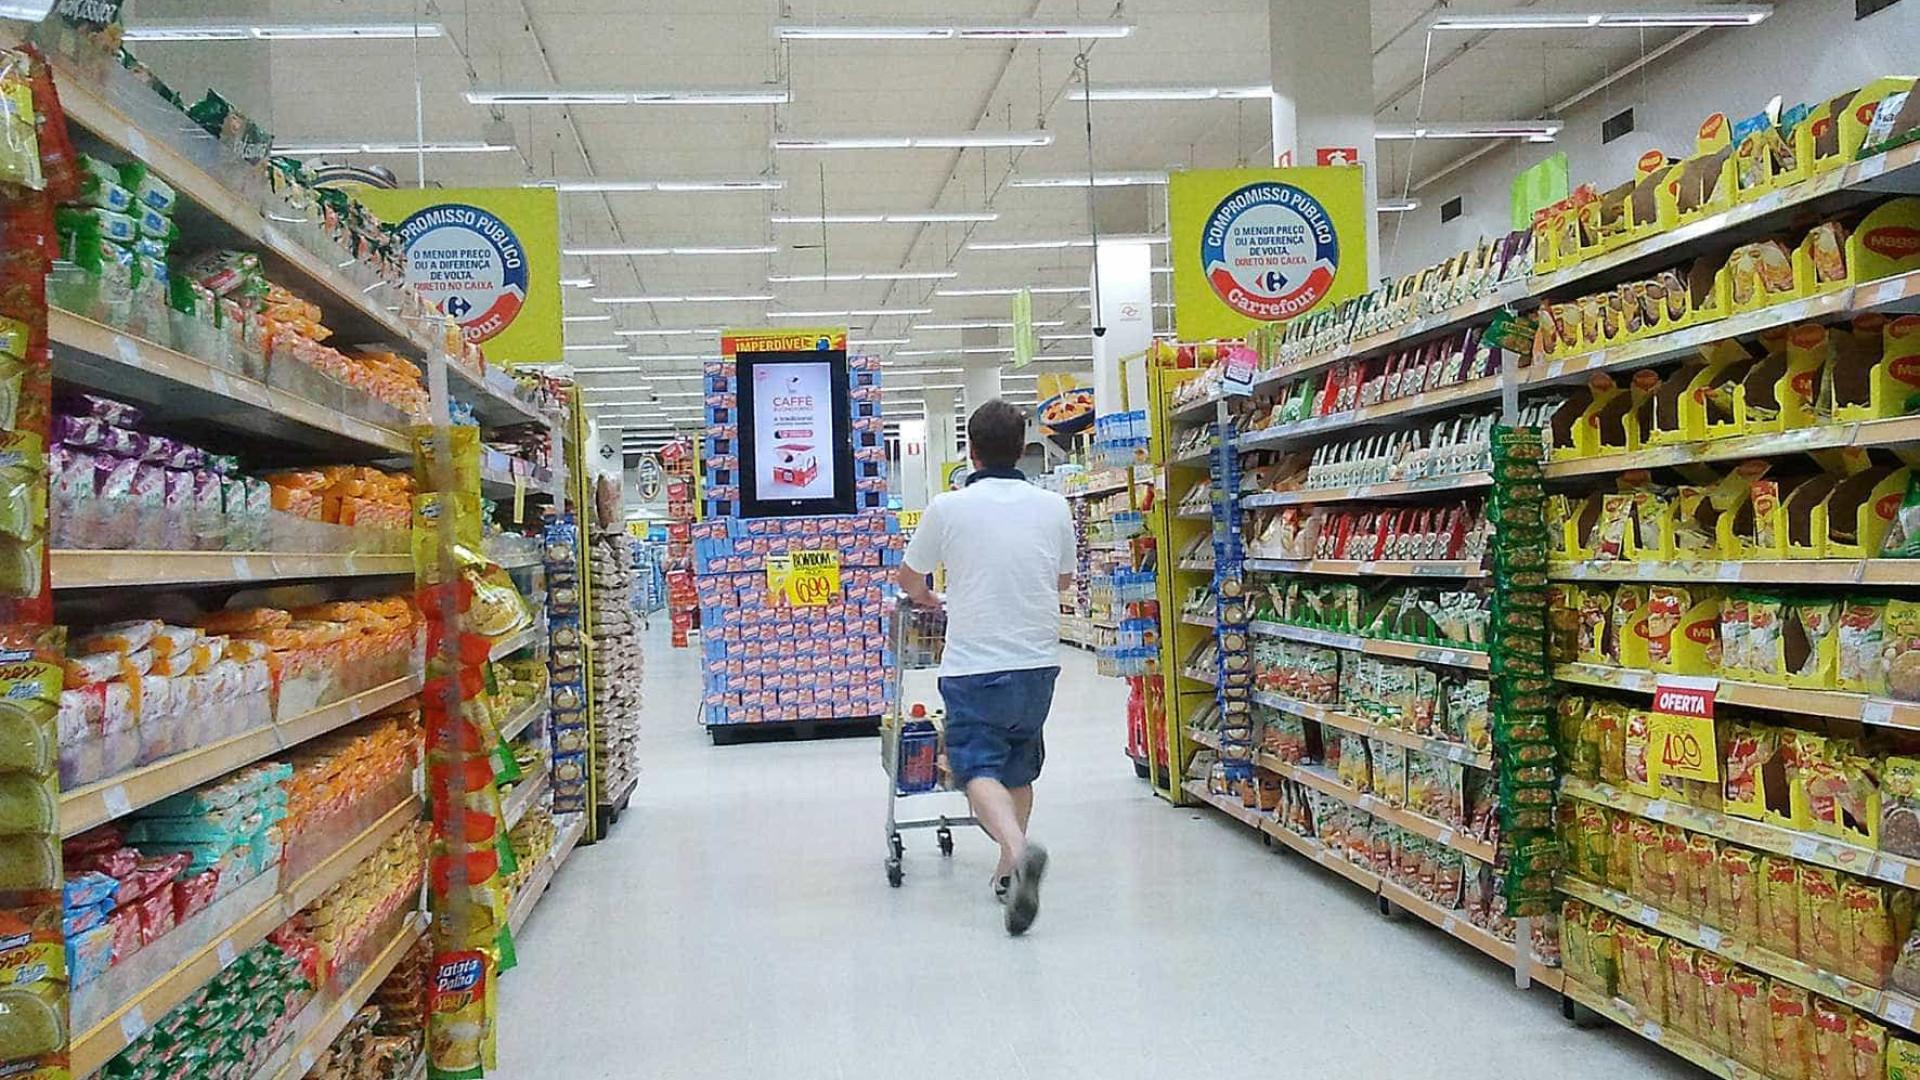 Confiança do consumidor recua em dezembro, diz FGV